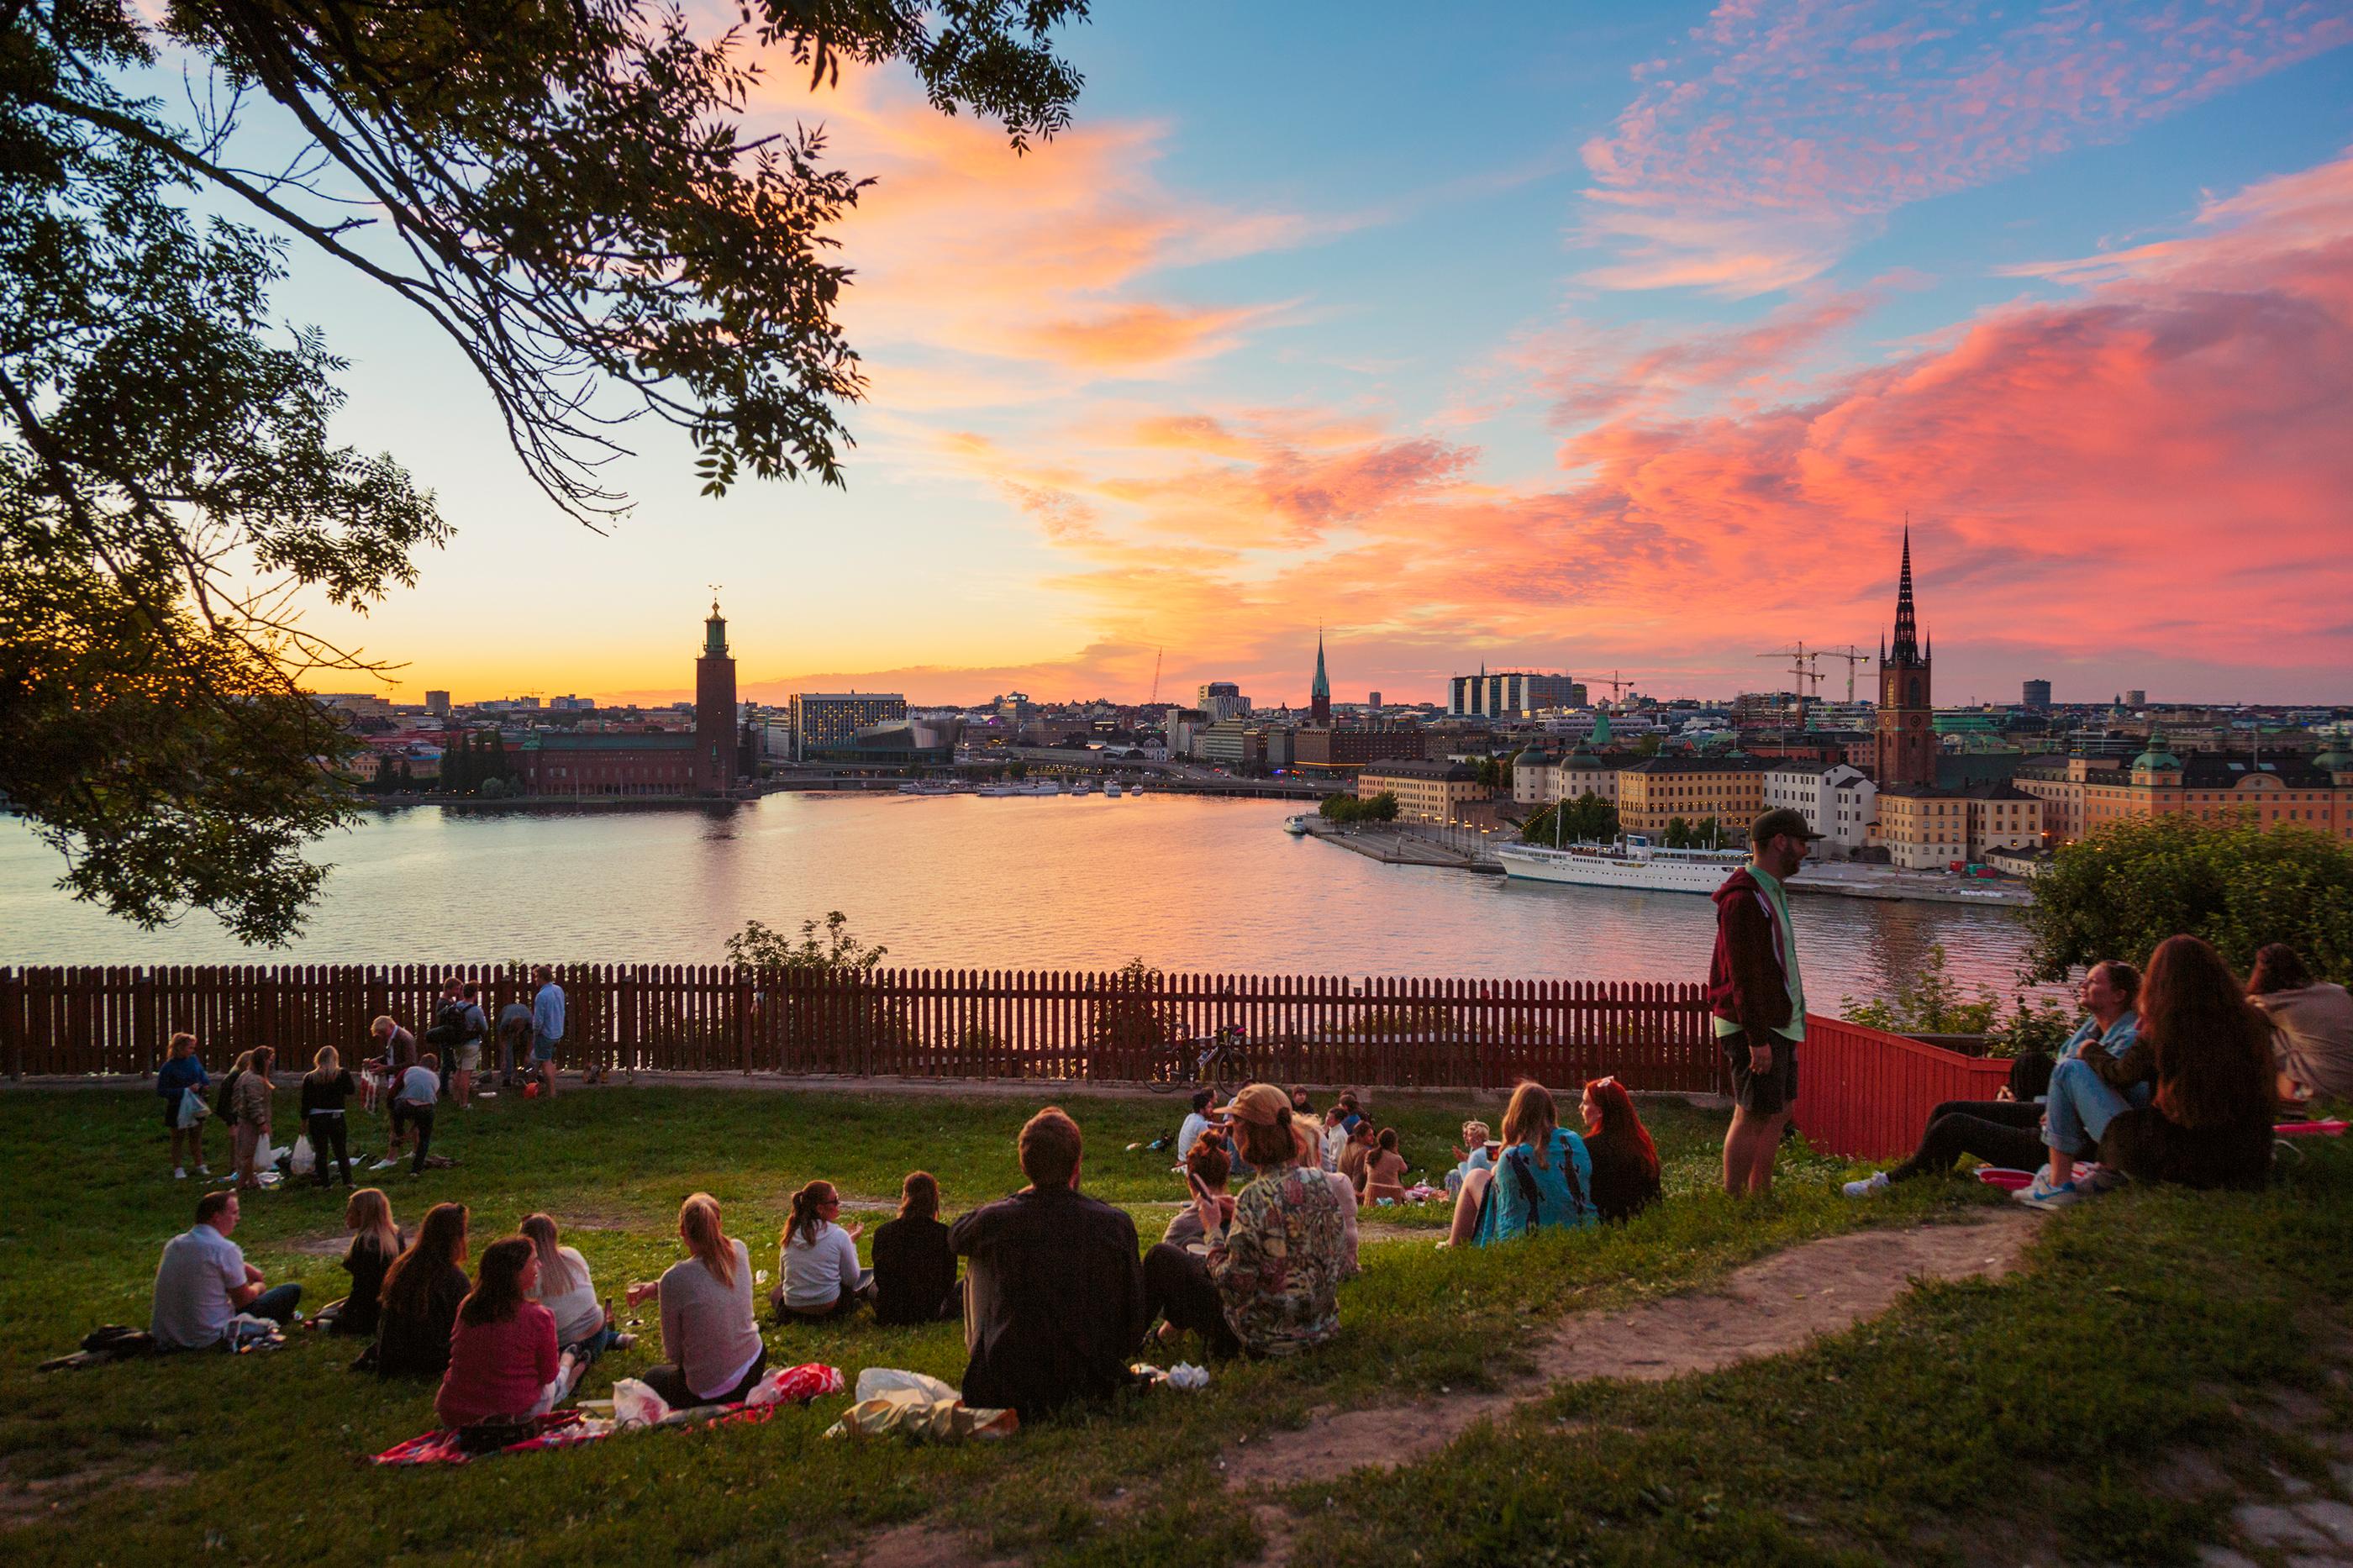 180709-summer-destinations-europe-stockholm